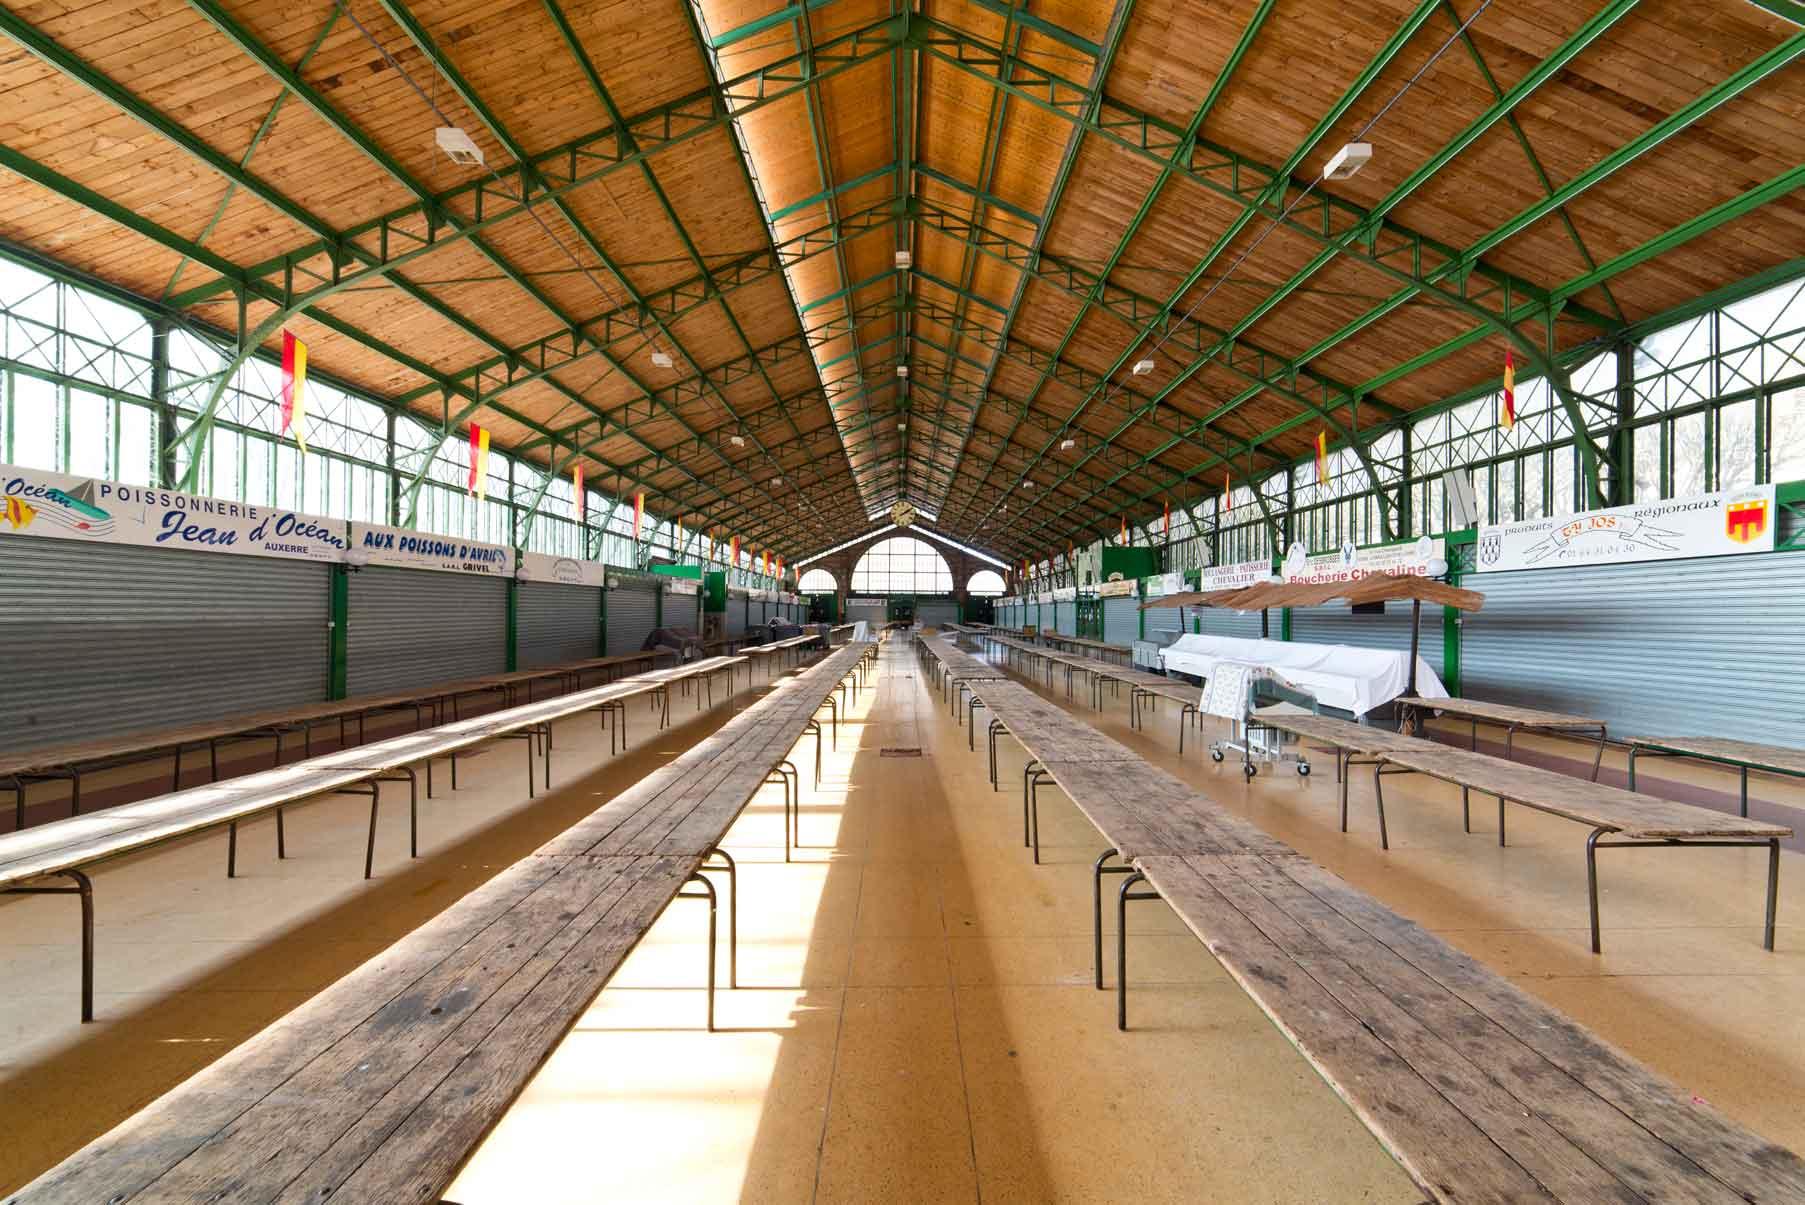 Salles municipales ville de joigny for Piscine de joigny